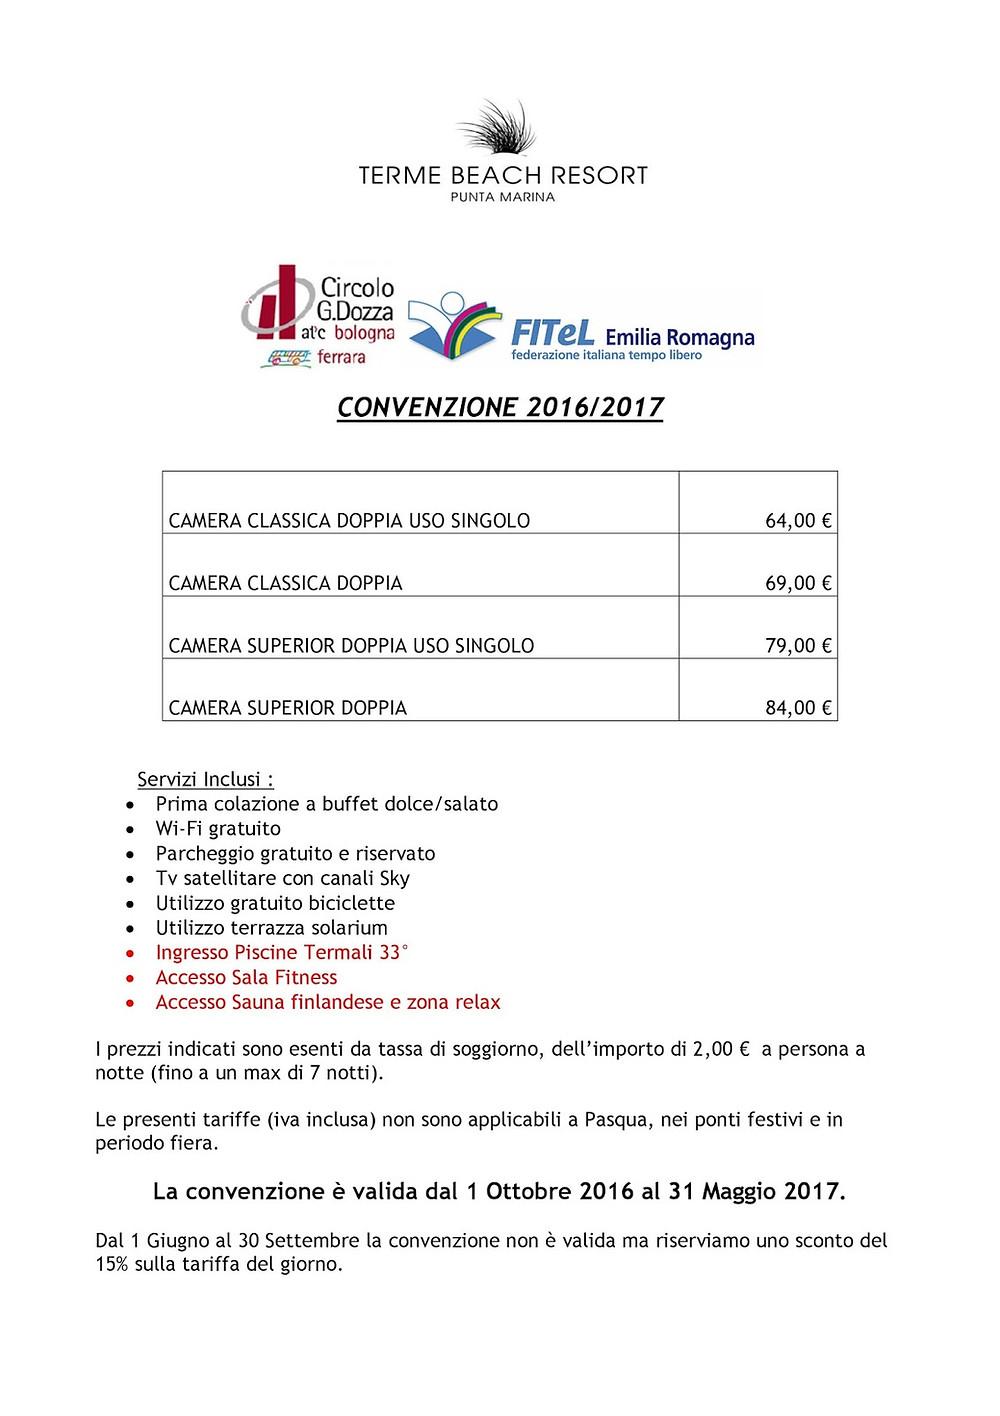 Convenzione Terme Beach Resort (Punta Marina)